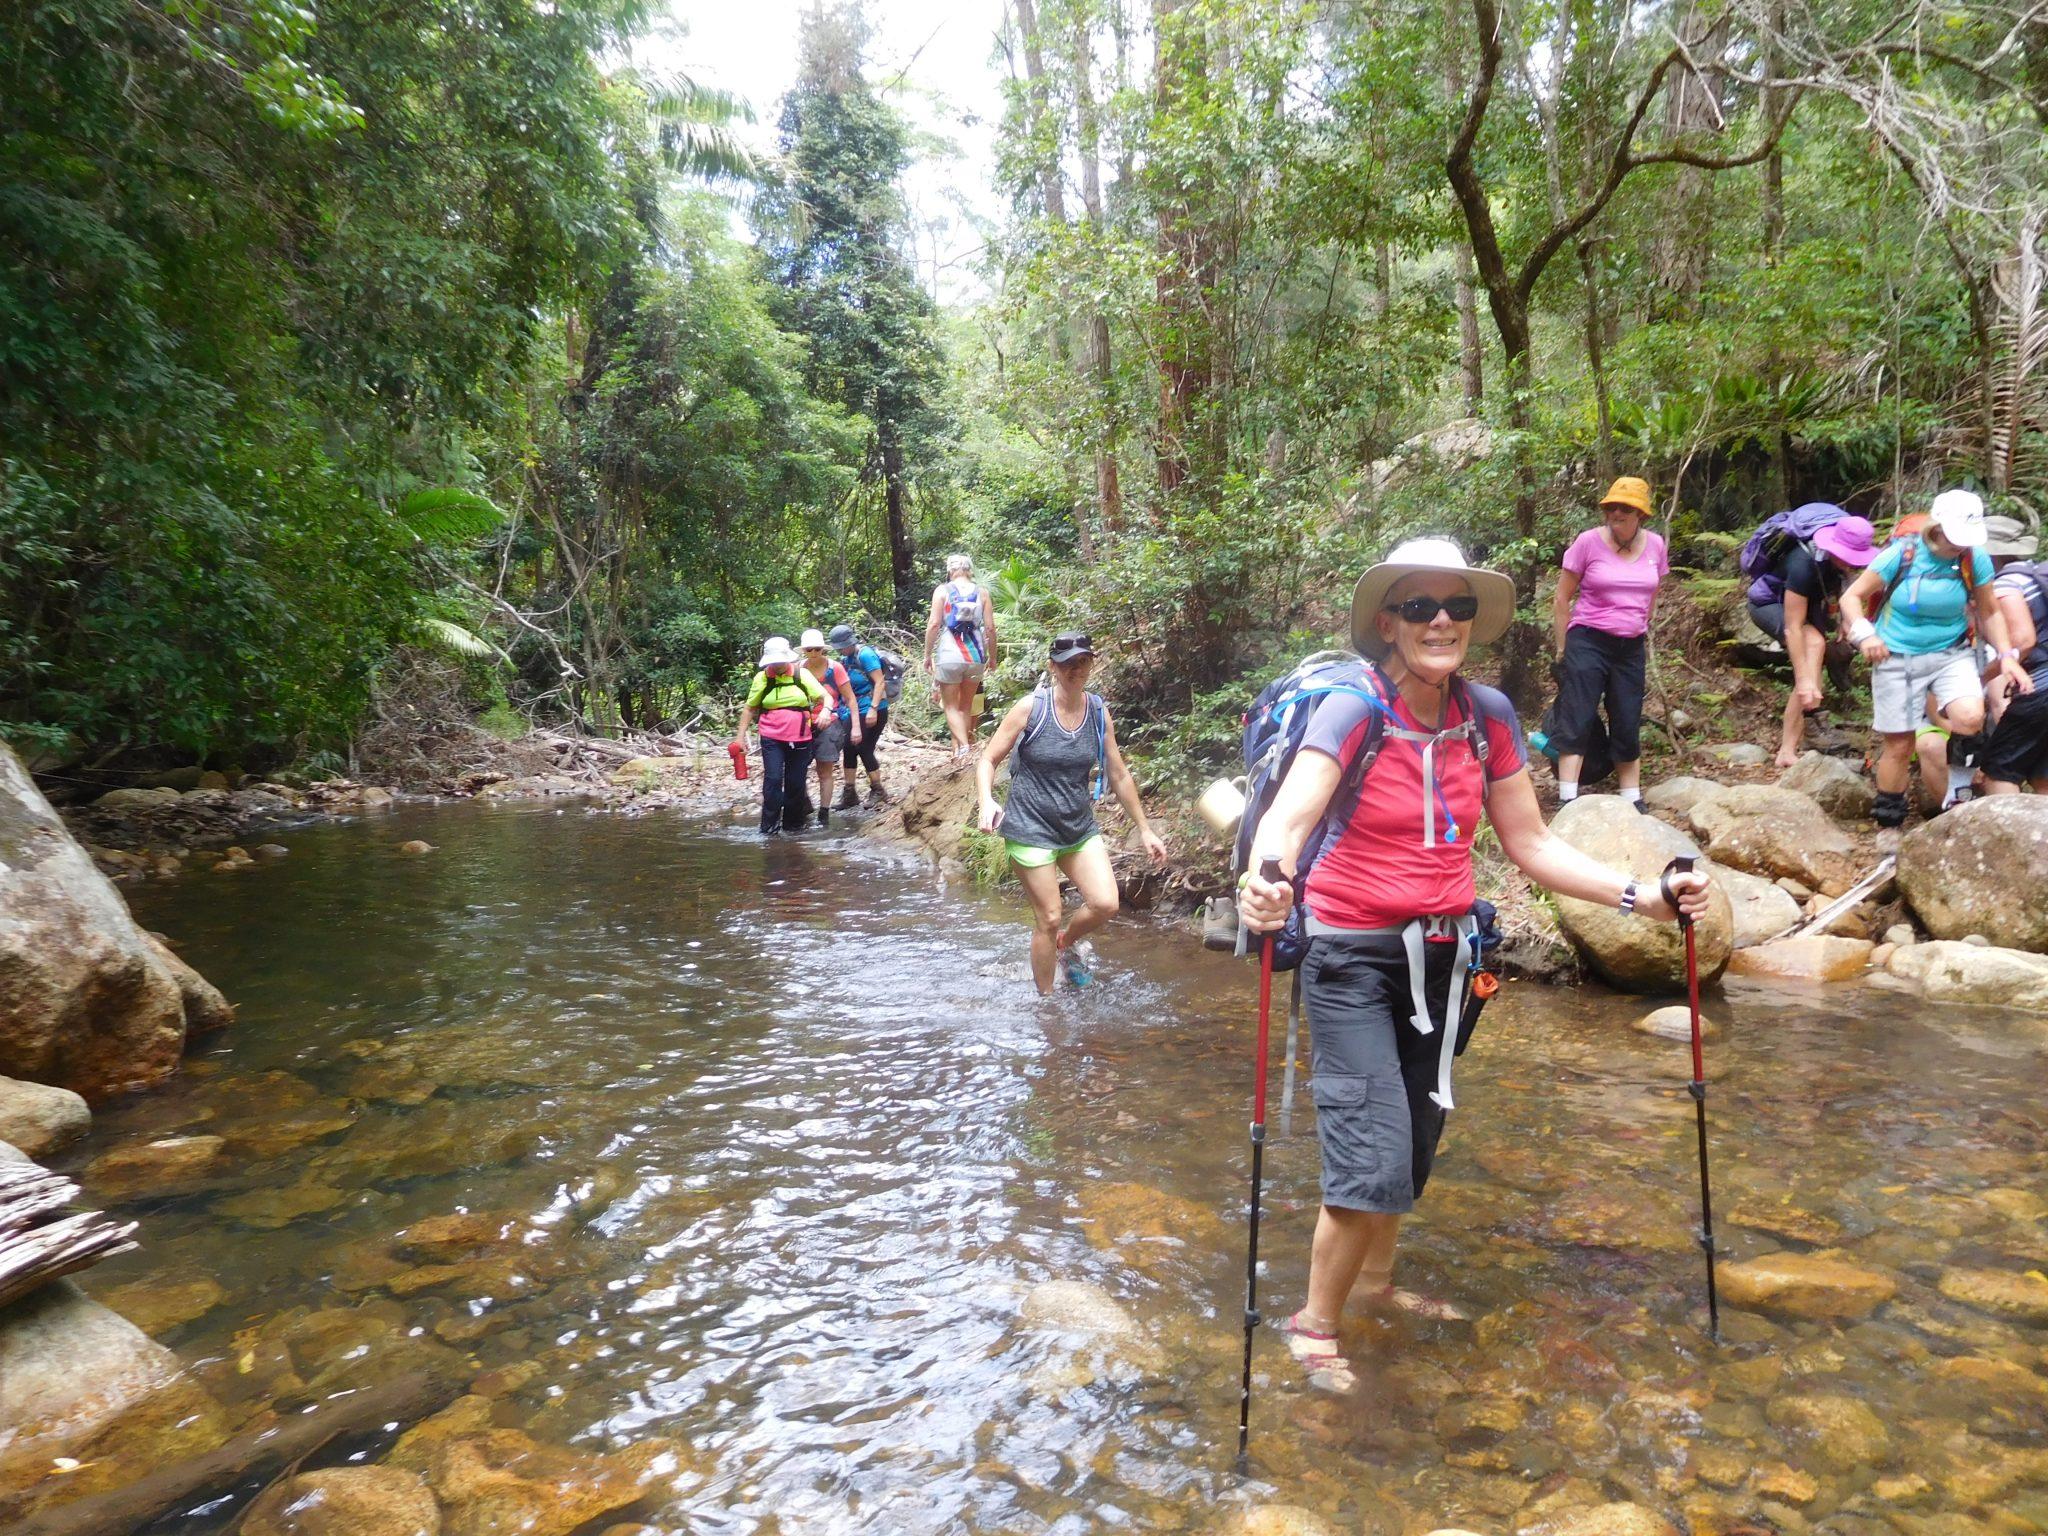 Always happy hikers with Women's Fitness Adventures